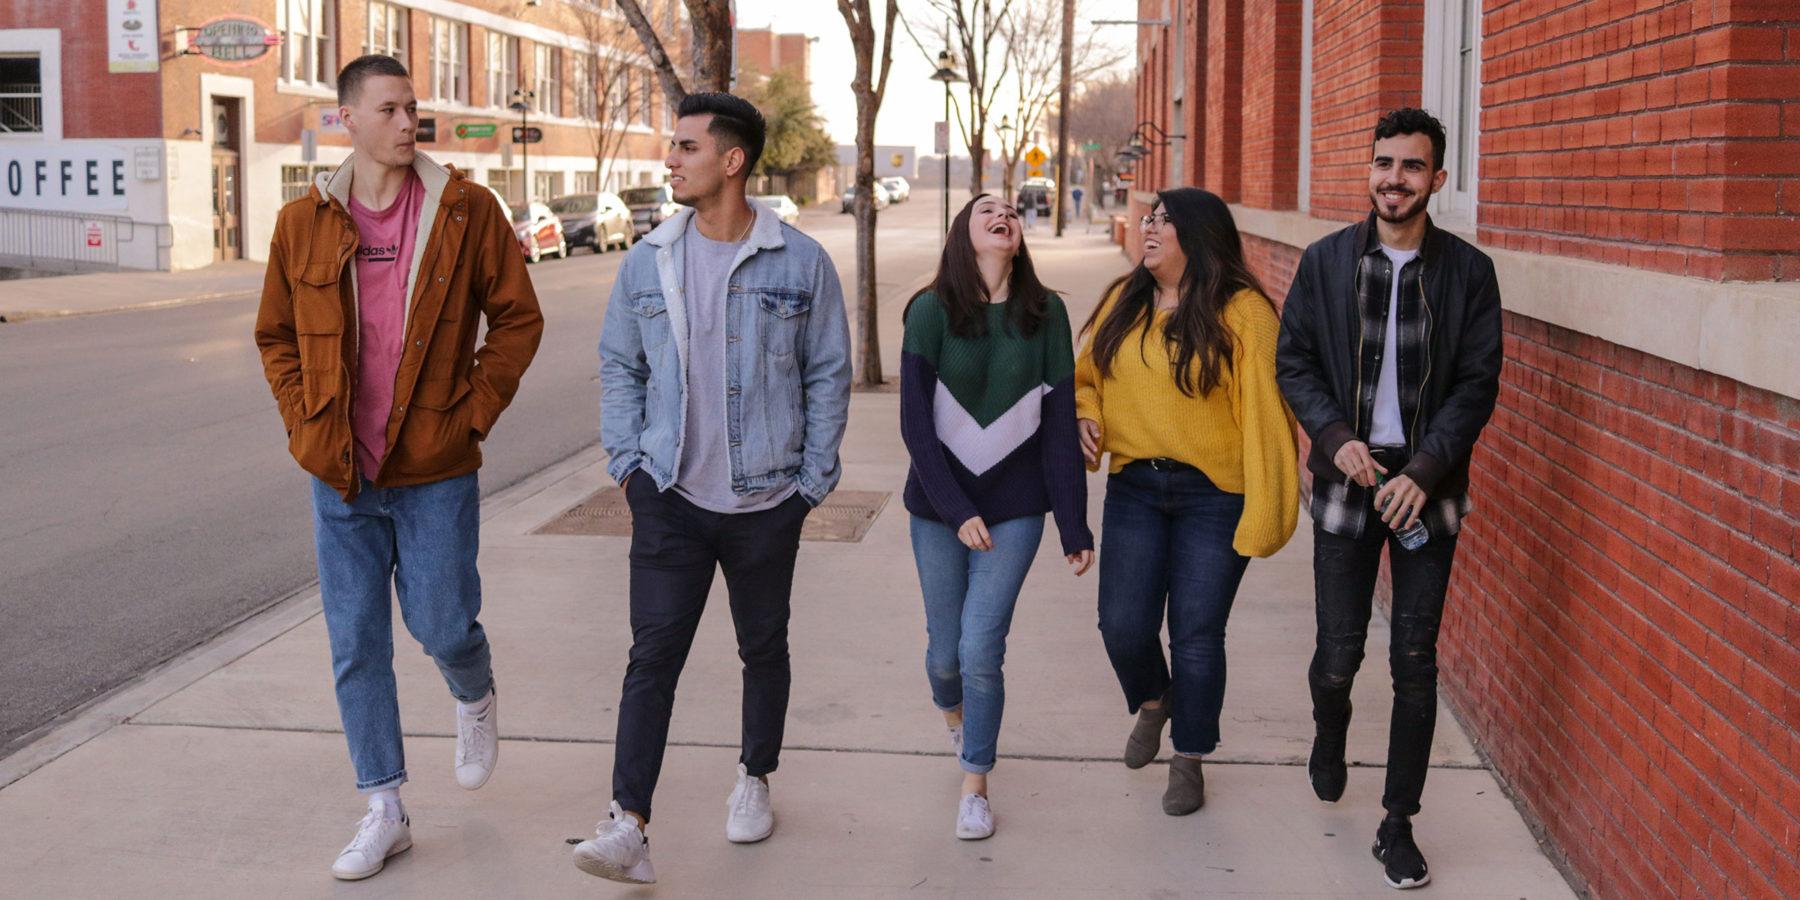 Group of Teens Walking to School